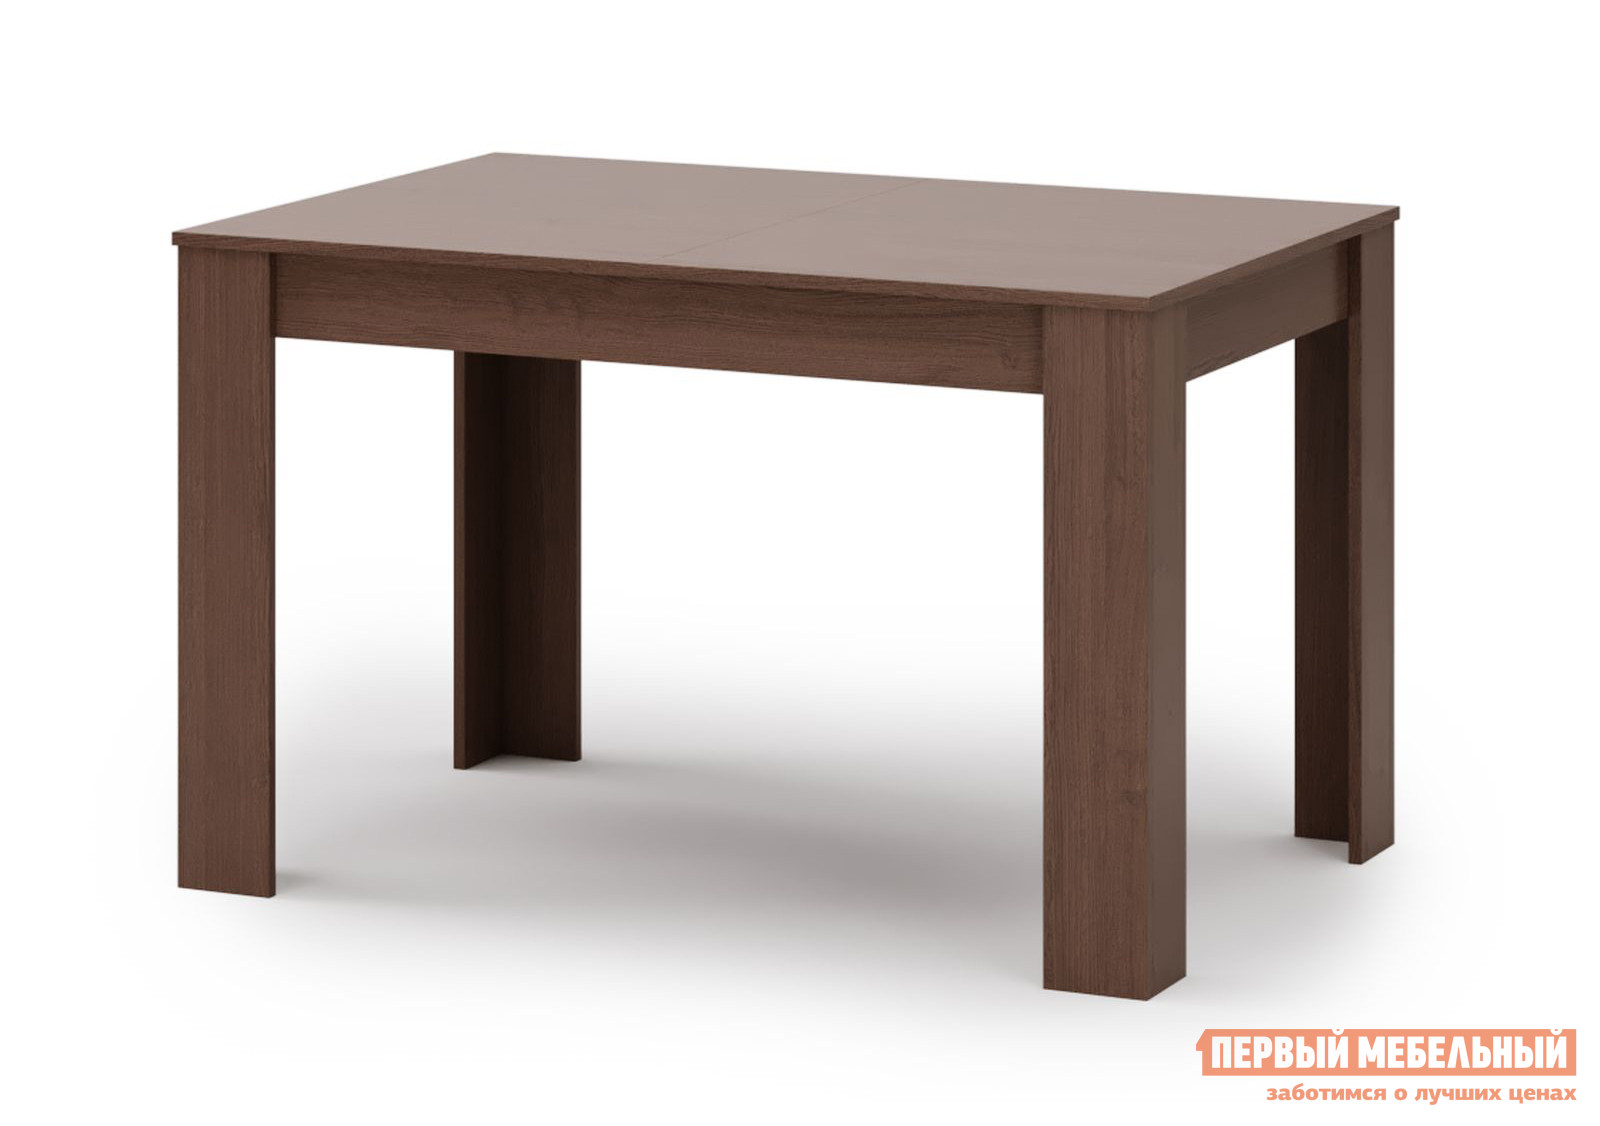 Обеденный стол Первый Мебельный Обеденный стол Джастин 2 обеденный стол дик стол 41 венге стекло бежевое